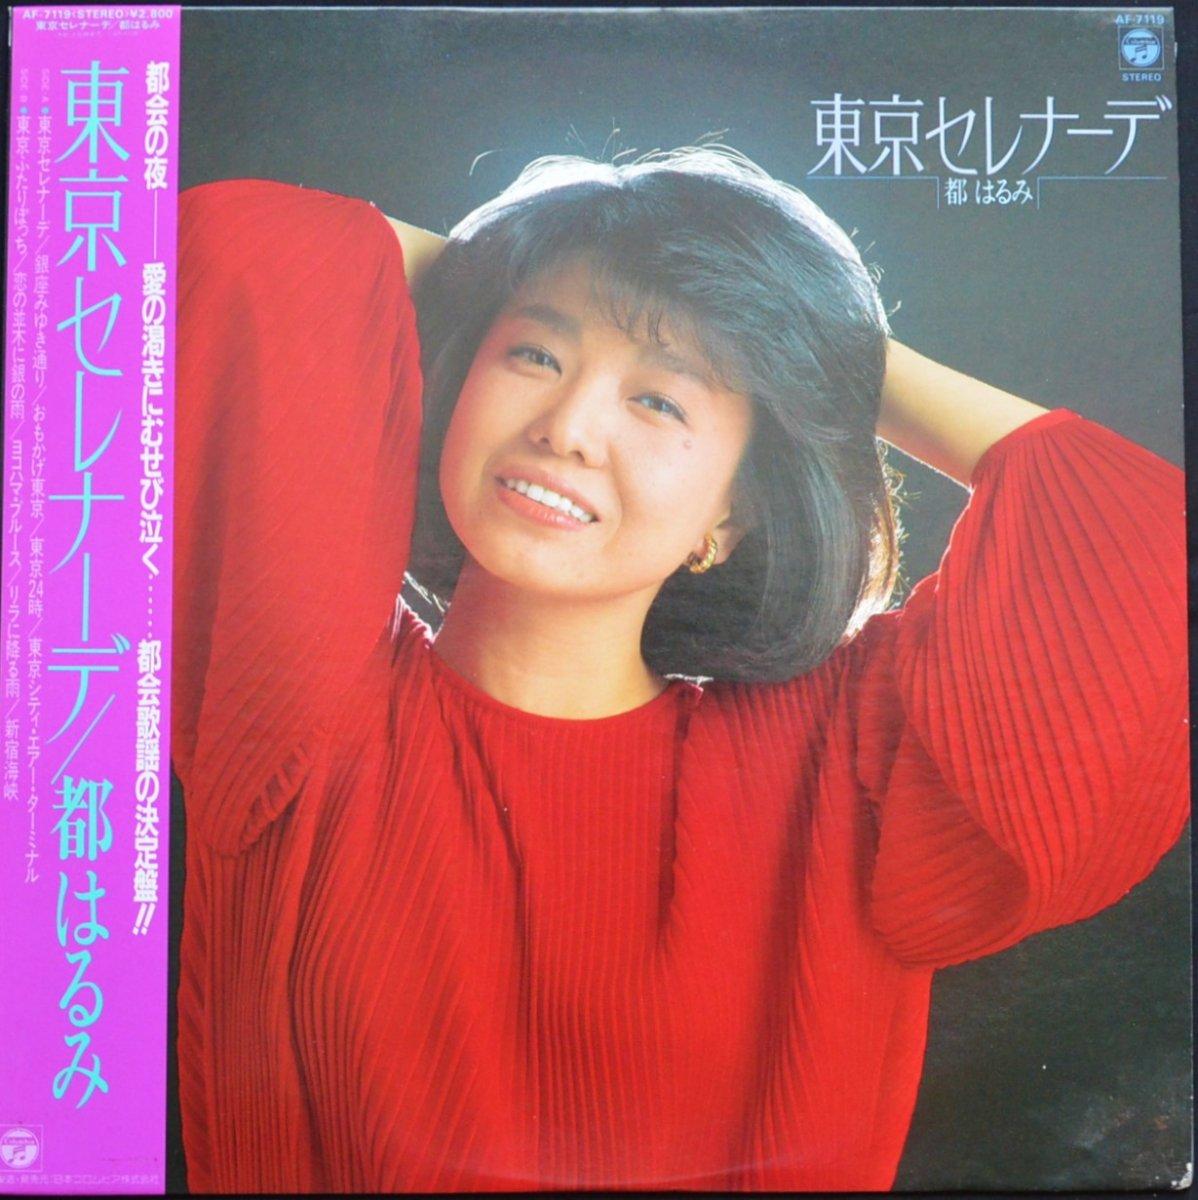 都はるみ HARUMI MIYAKO / 東京セレナーデ  (LP)